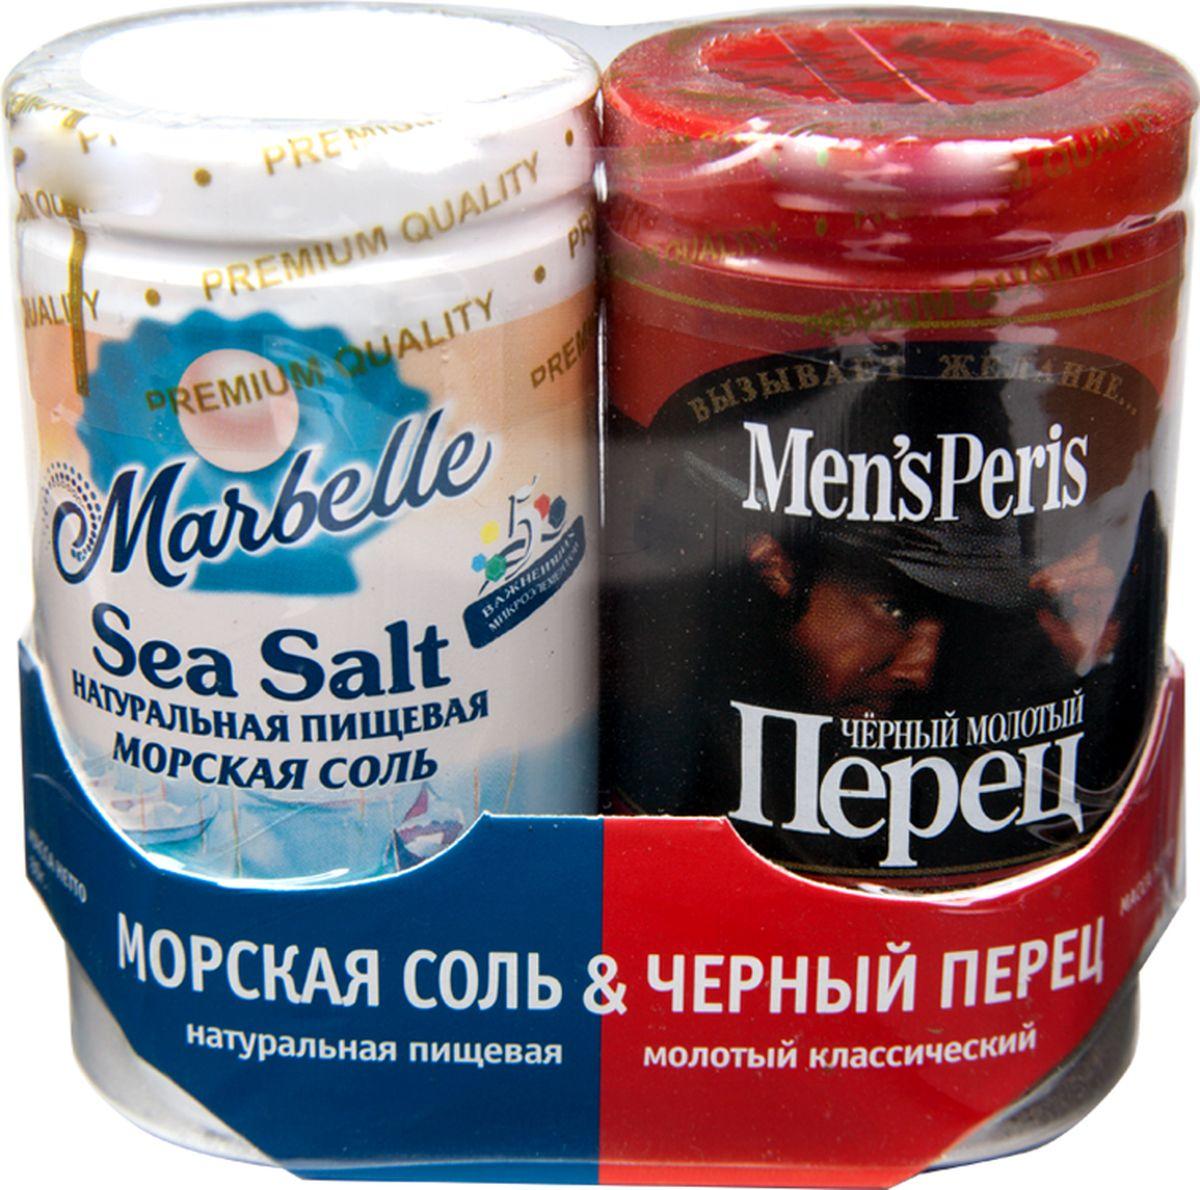 Marbellе набор соль морская и перец черный, 115 г цена